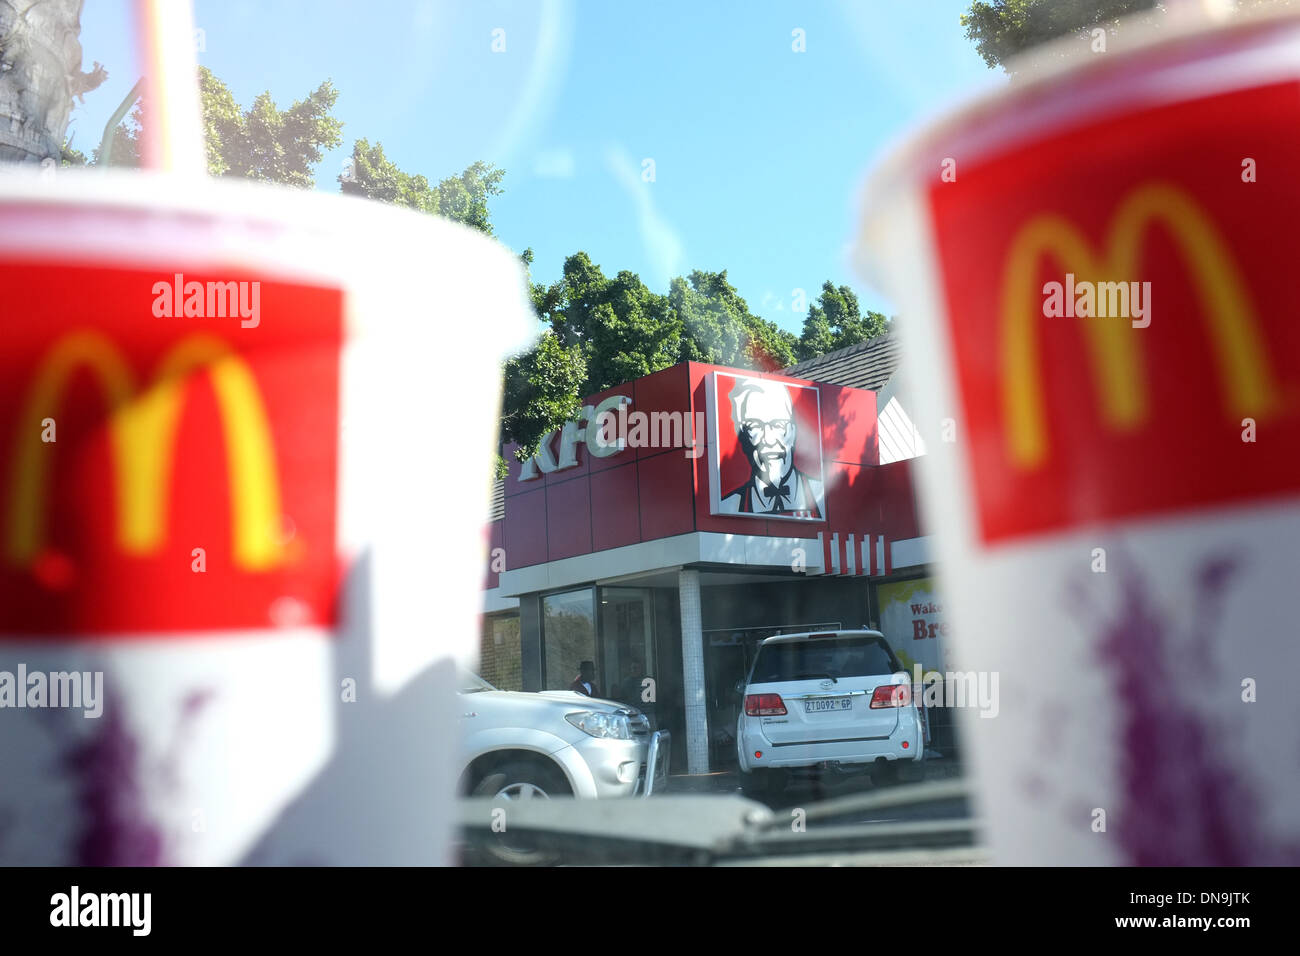 McDonalds-Logos auf Getränke-Container mit einem KFC-Geschäft im ...